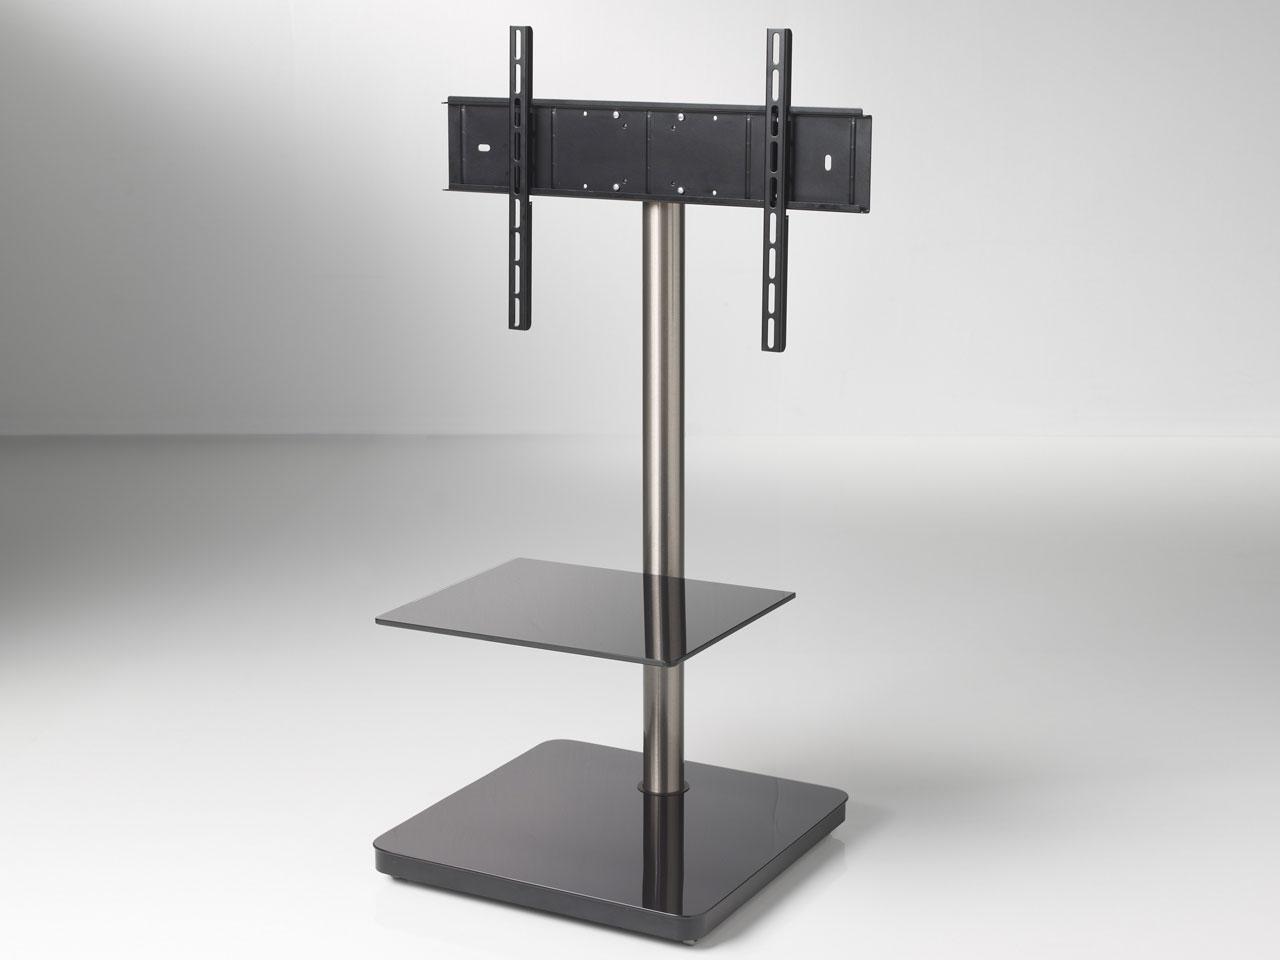 schwarzer schwenkbarer design tv standfu cmb 204 23 65. Black Bedroom Furniture Sets. Home Design Ideas